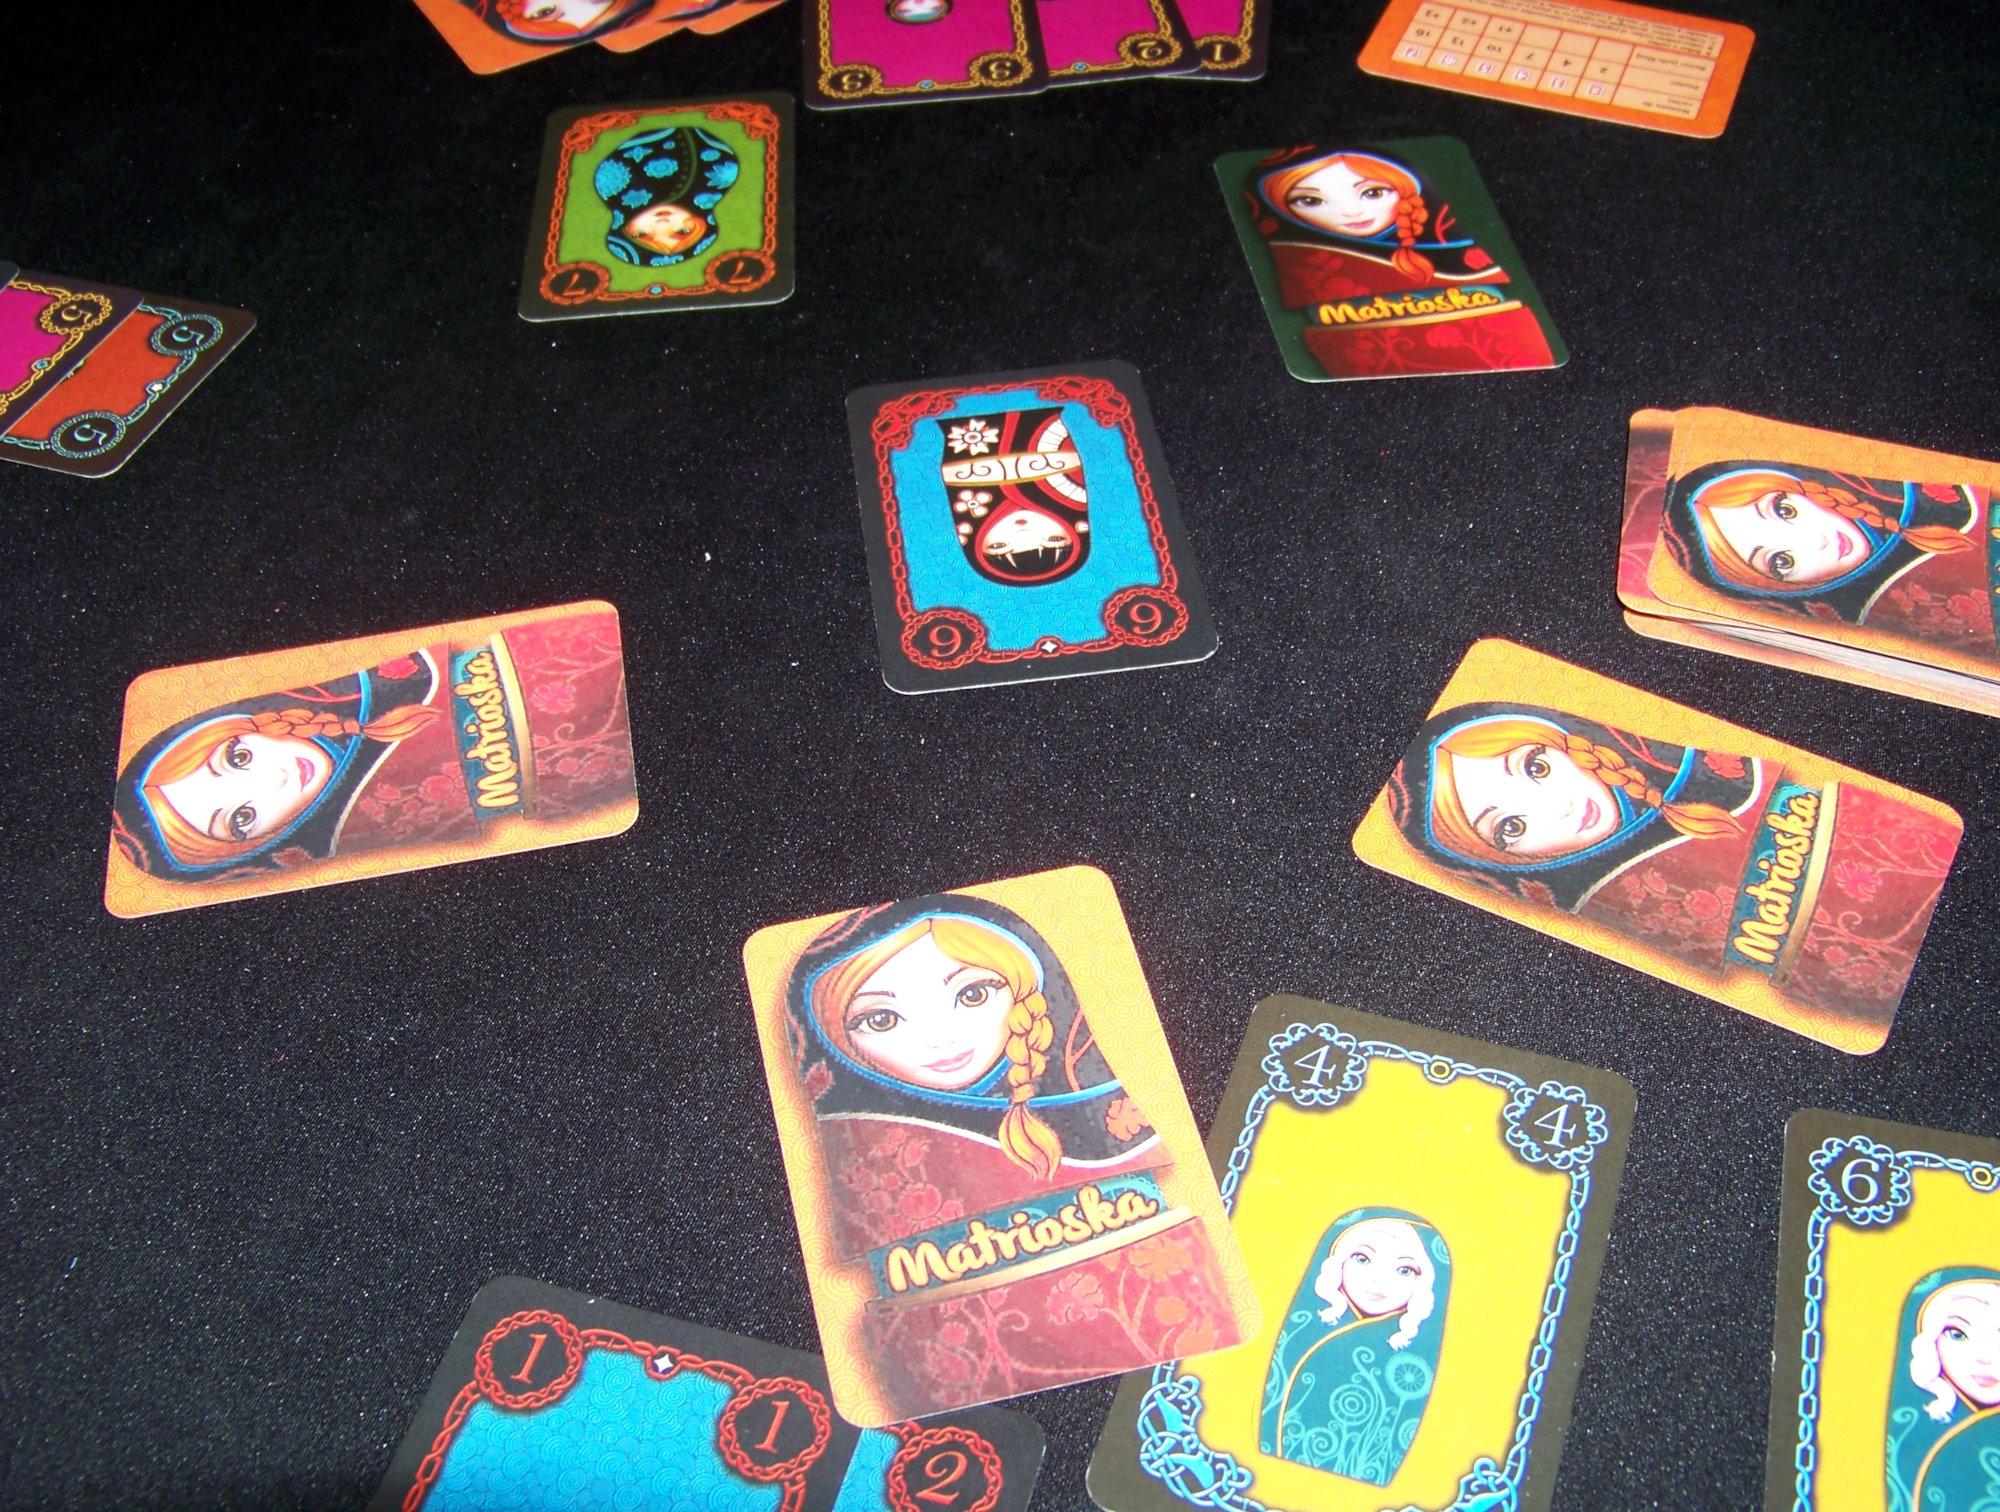 Juego de mesa Matrioska - detalle en la partida.